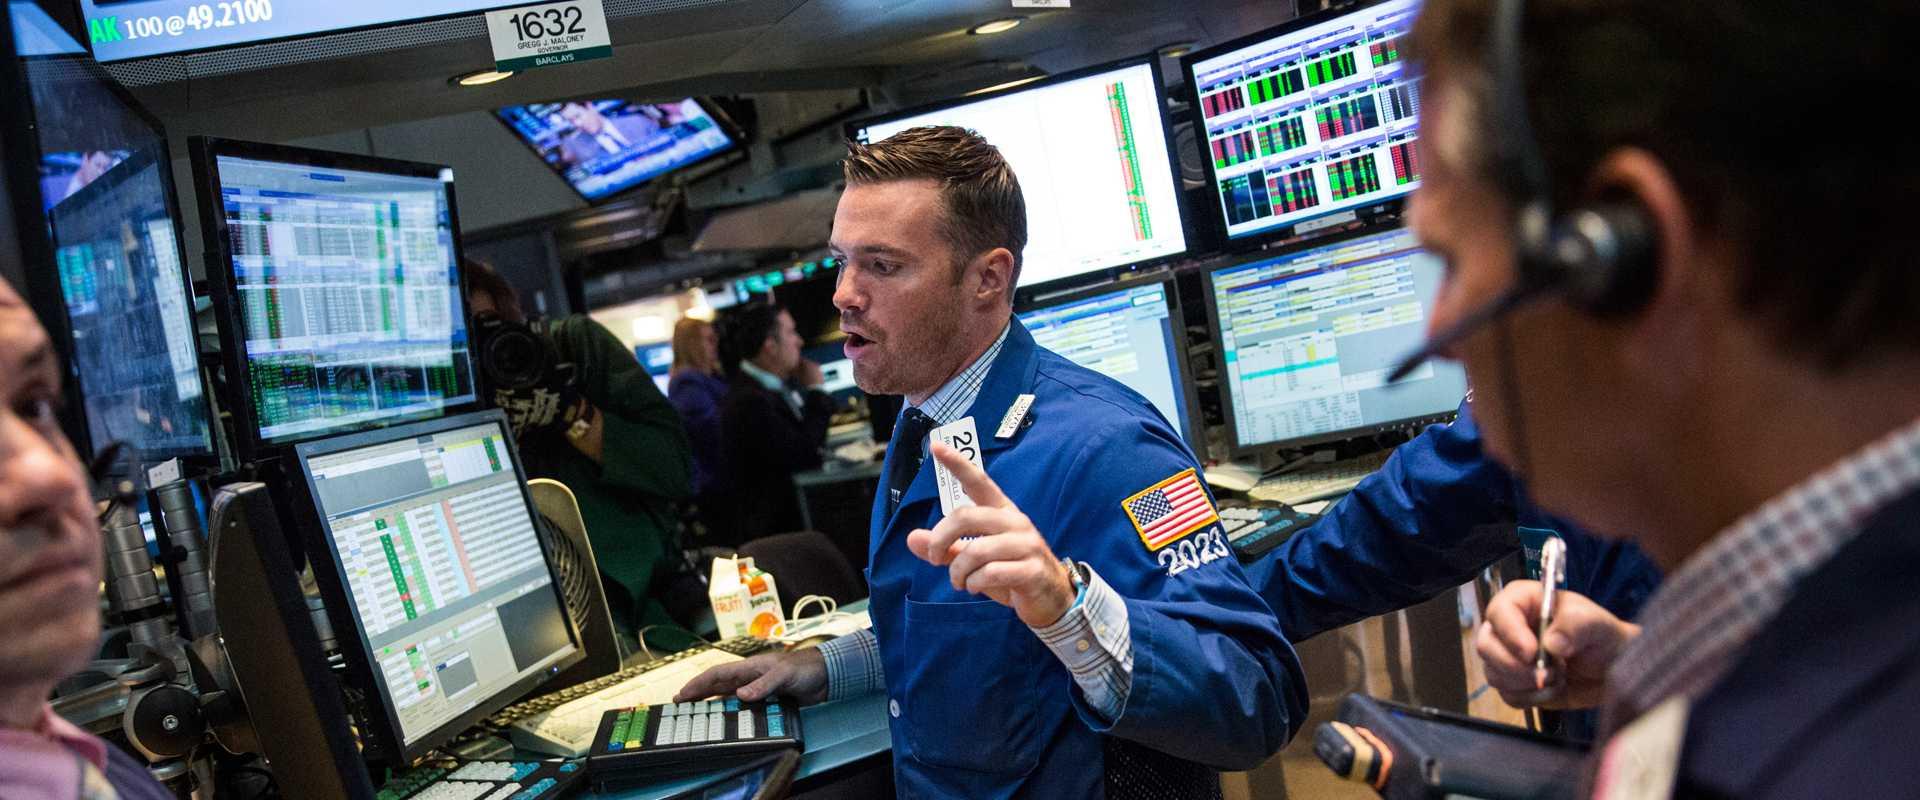 SVJETSKA TRŽIŠTA: Na Wall Streetu cijene dionica oštro pale